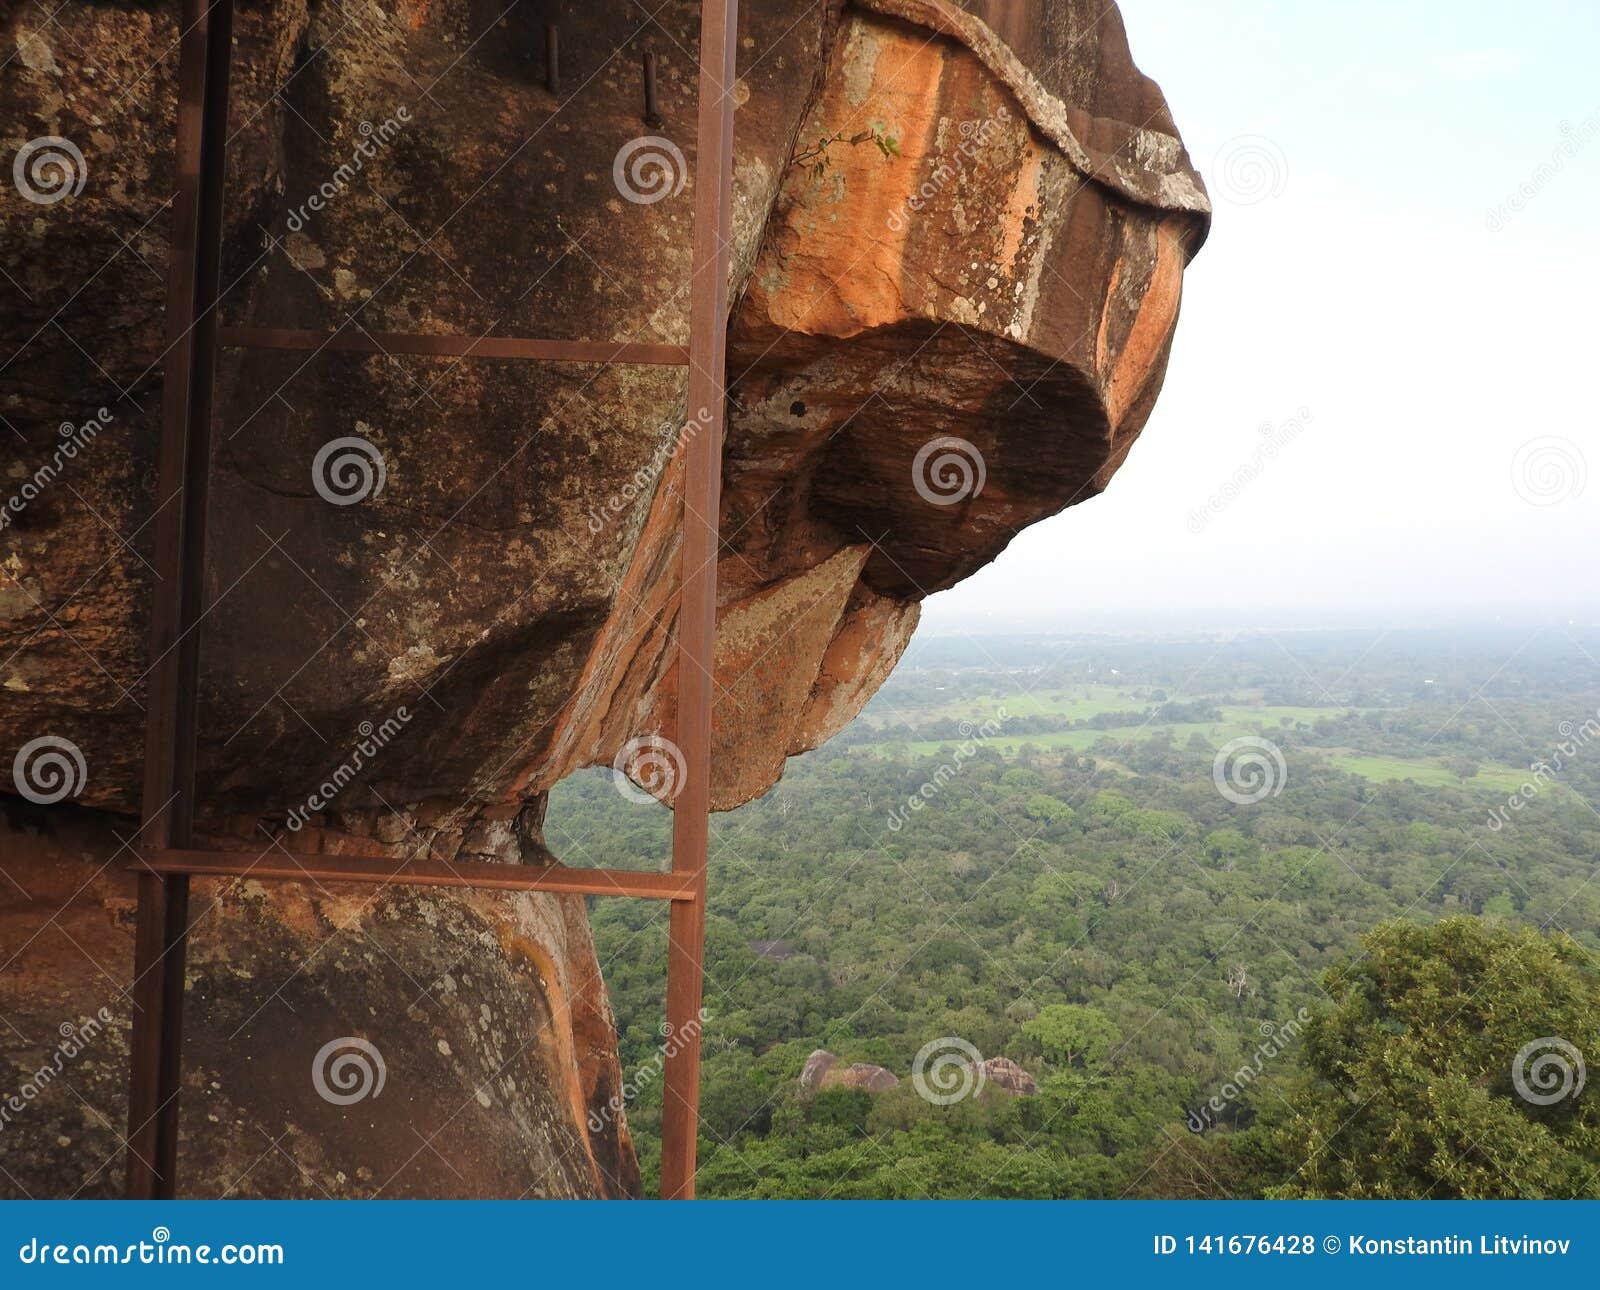 Pata de piedra del león y otros elementos encima de la roca del león, Sigiriya, Sri Lanka, sitio del patrimonio mundial de la UNE